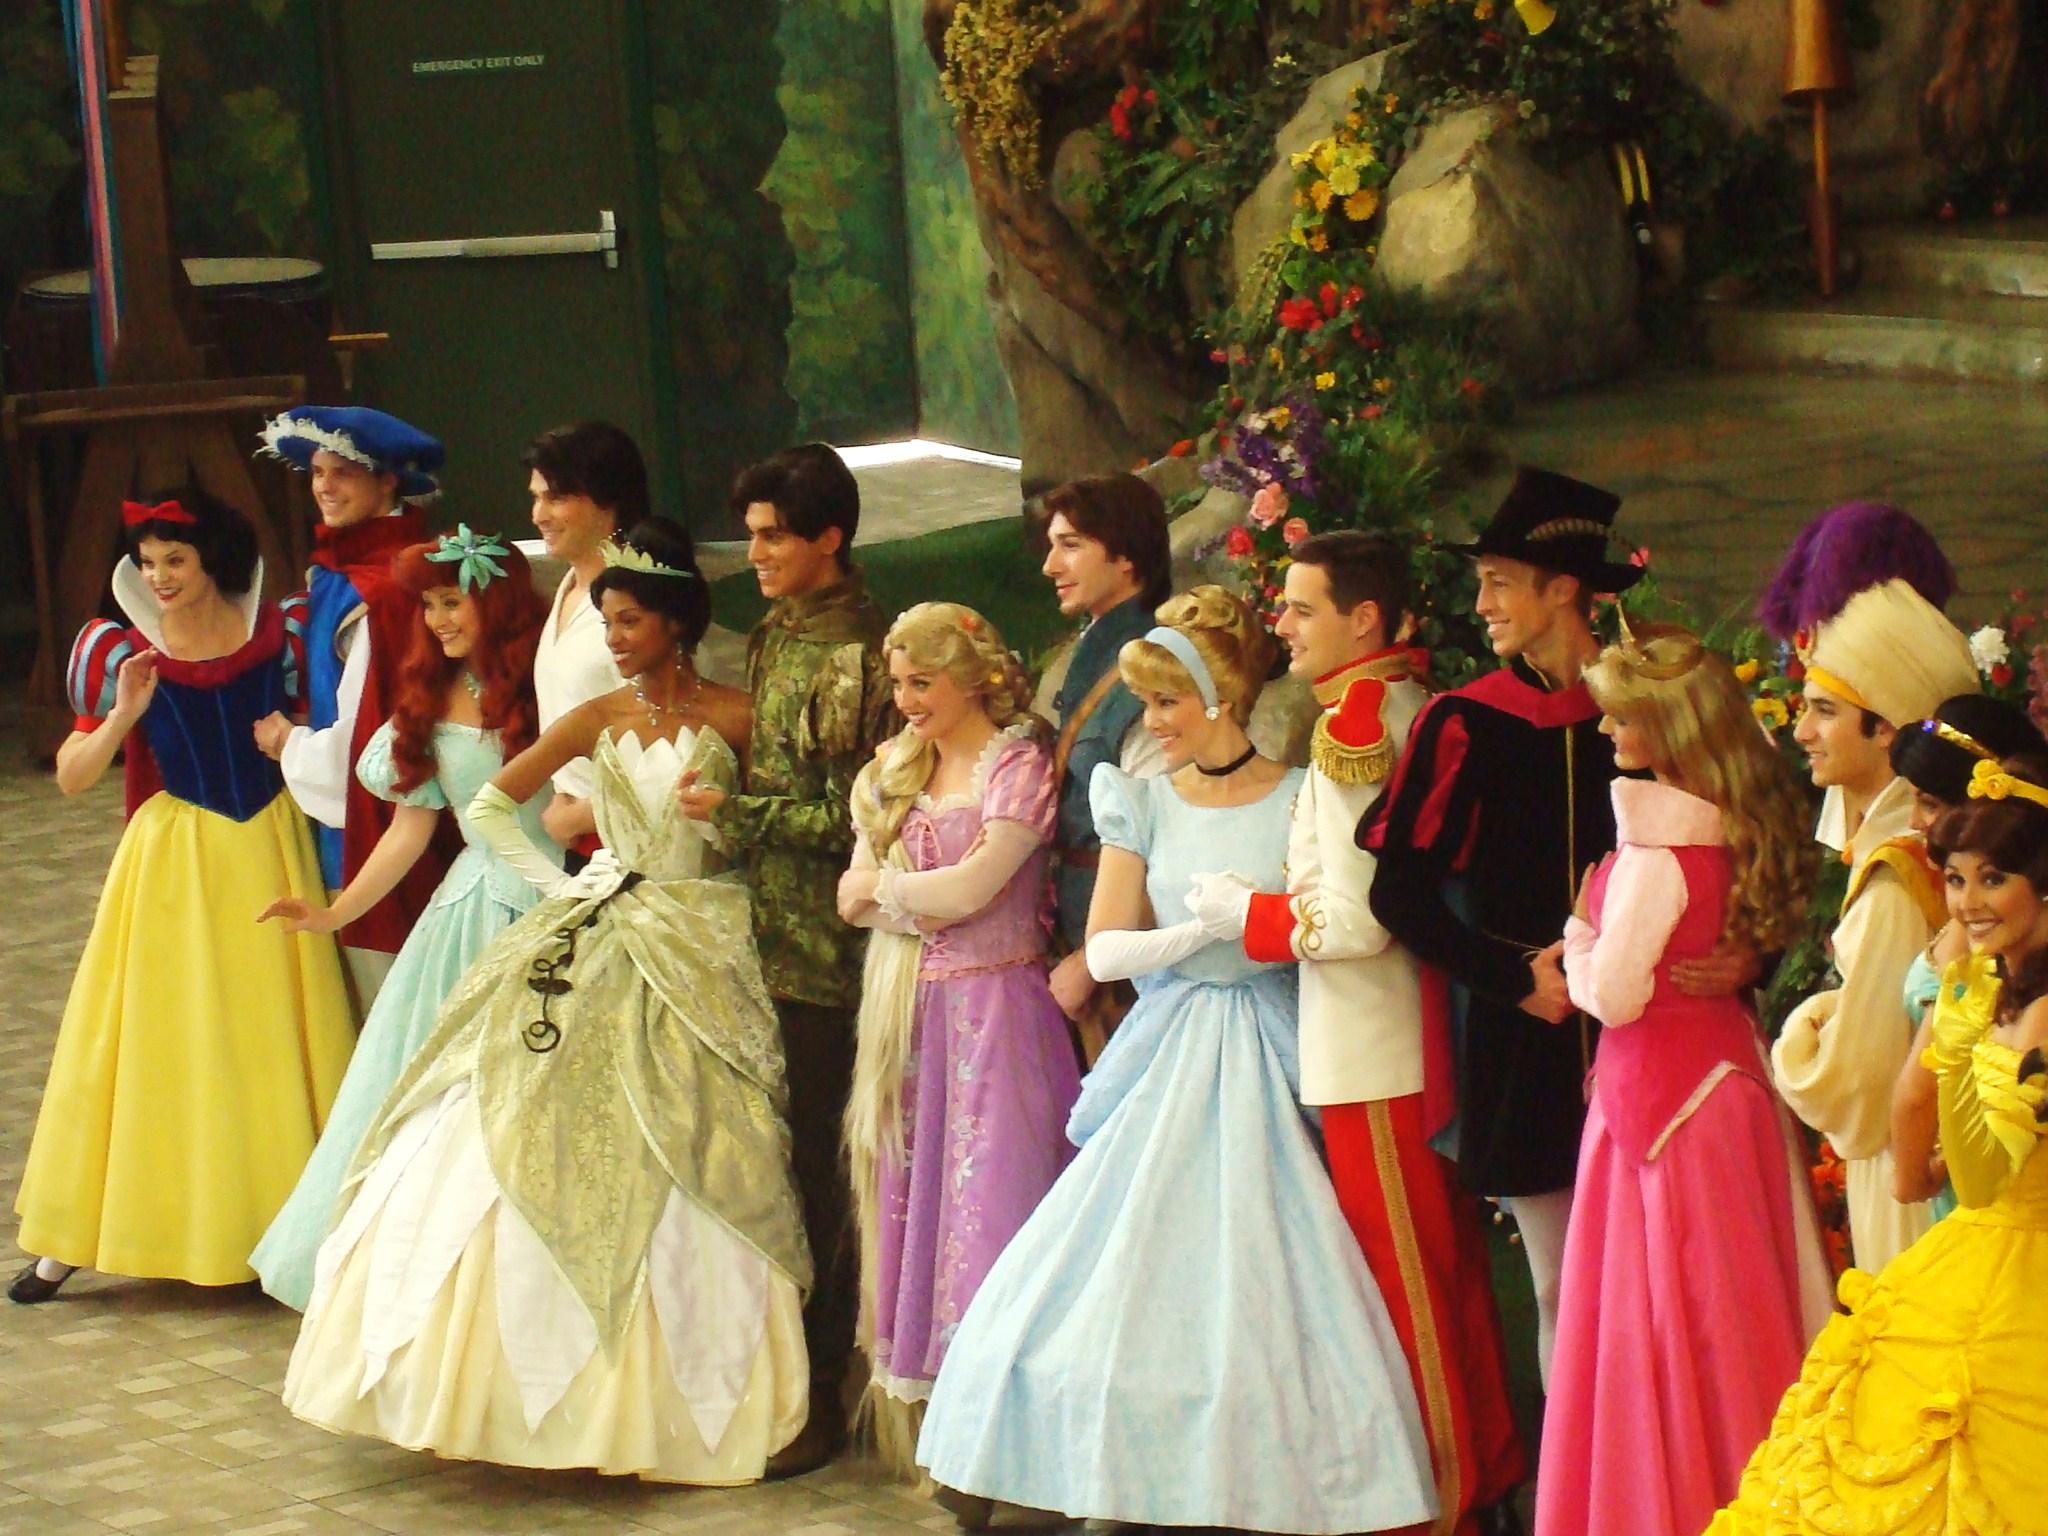 24a23e9f83f Ficheiro Disneyland 2012-02-14 Princess and Princesses b.jpg ...